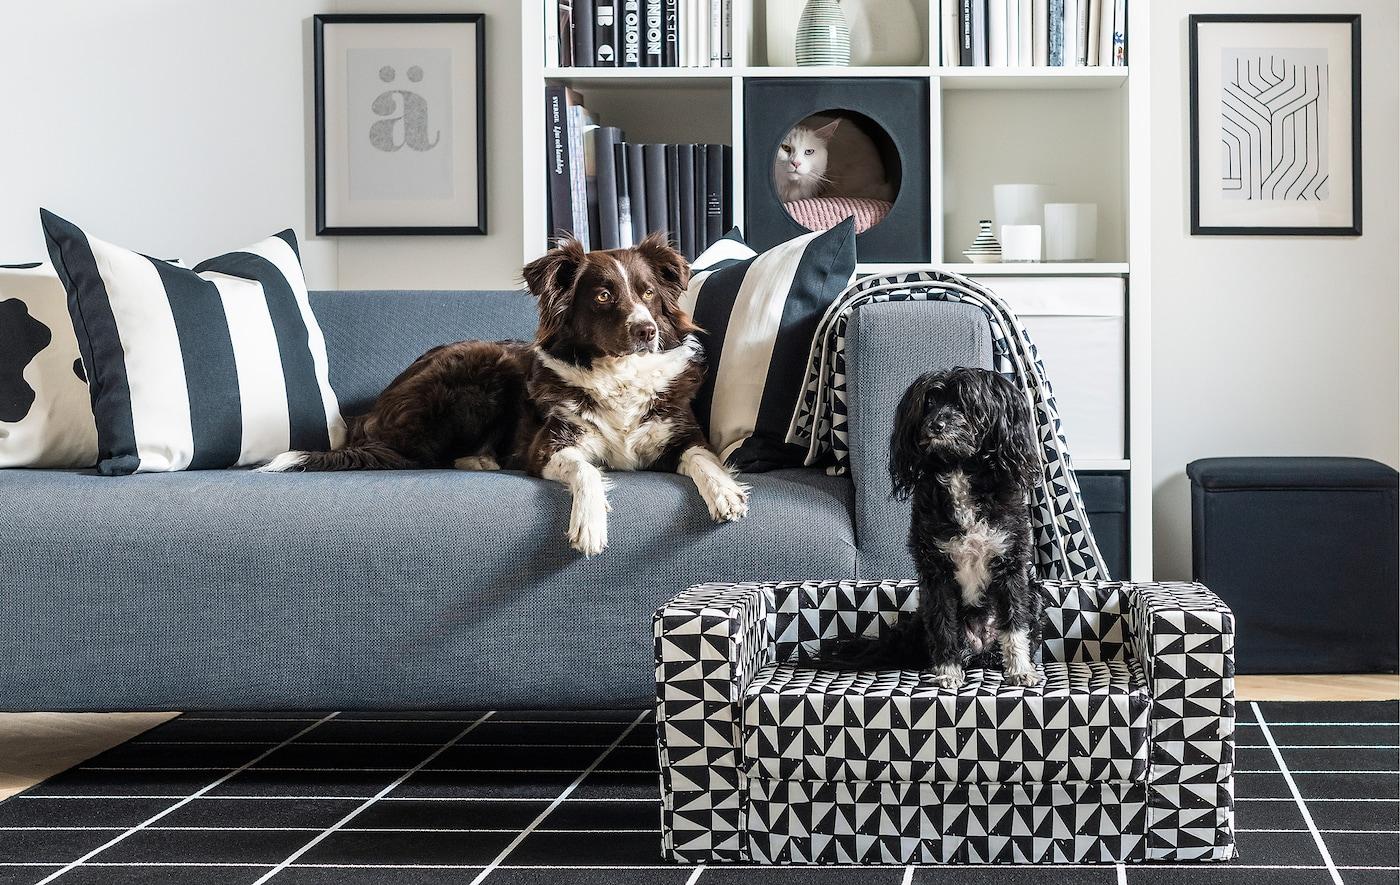 Vardagsrum med hund på soffan, en annan hund på en hundbädd framför; en katt kikar ut ur ett kattkrypin i en bokhylla.